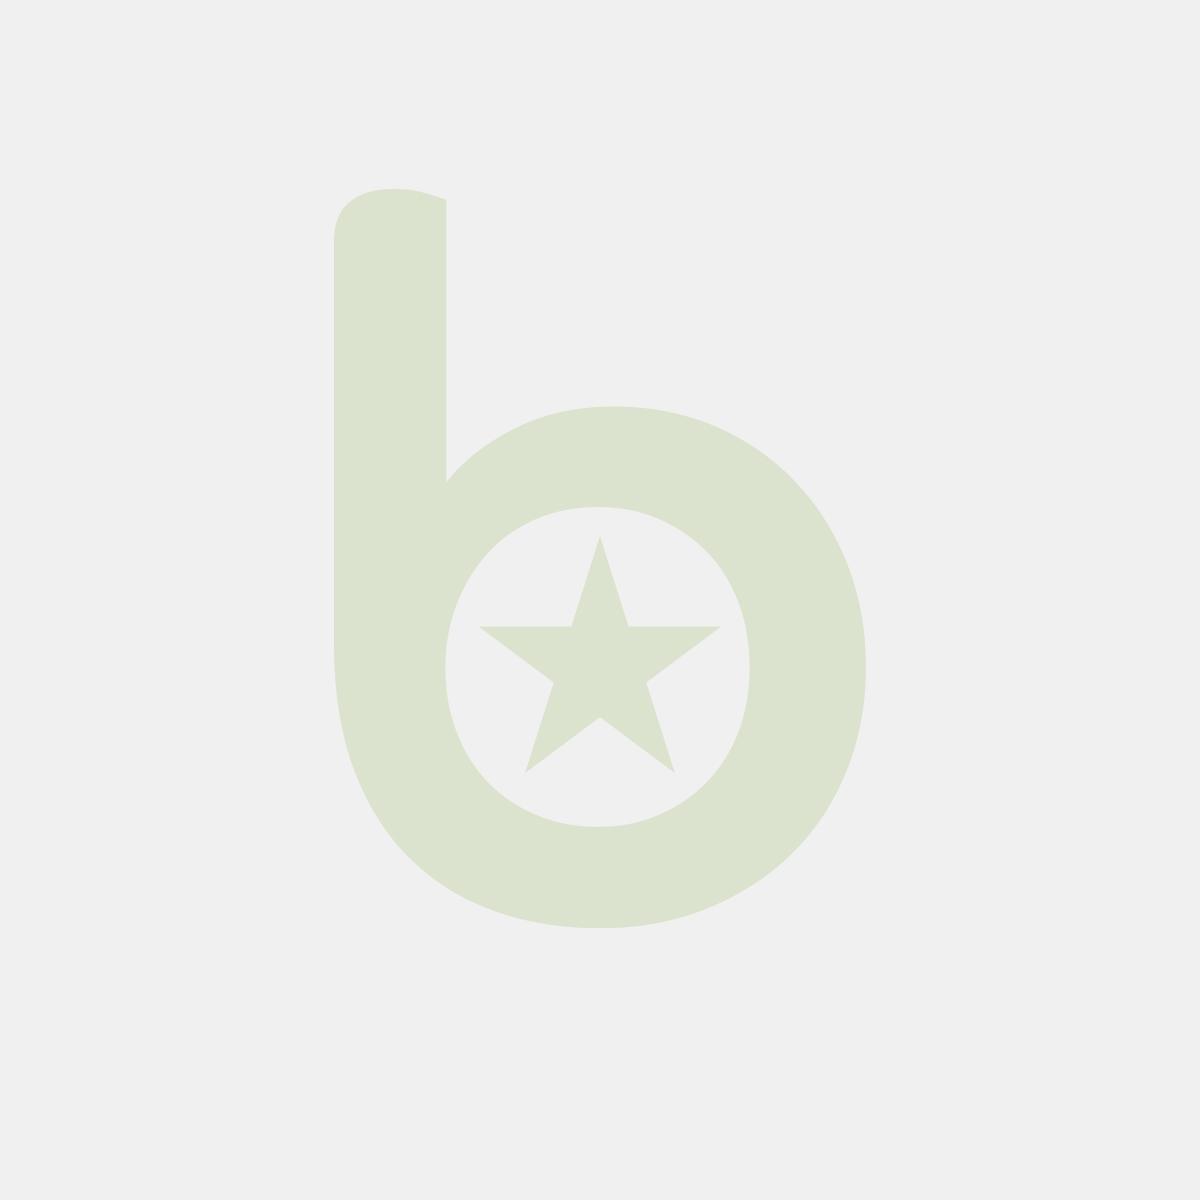 Naleśnikarka - pojedyncza - kod 212004